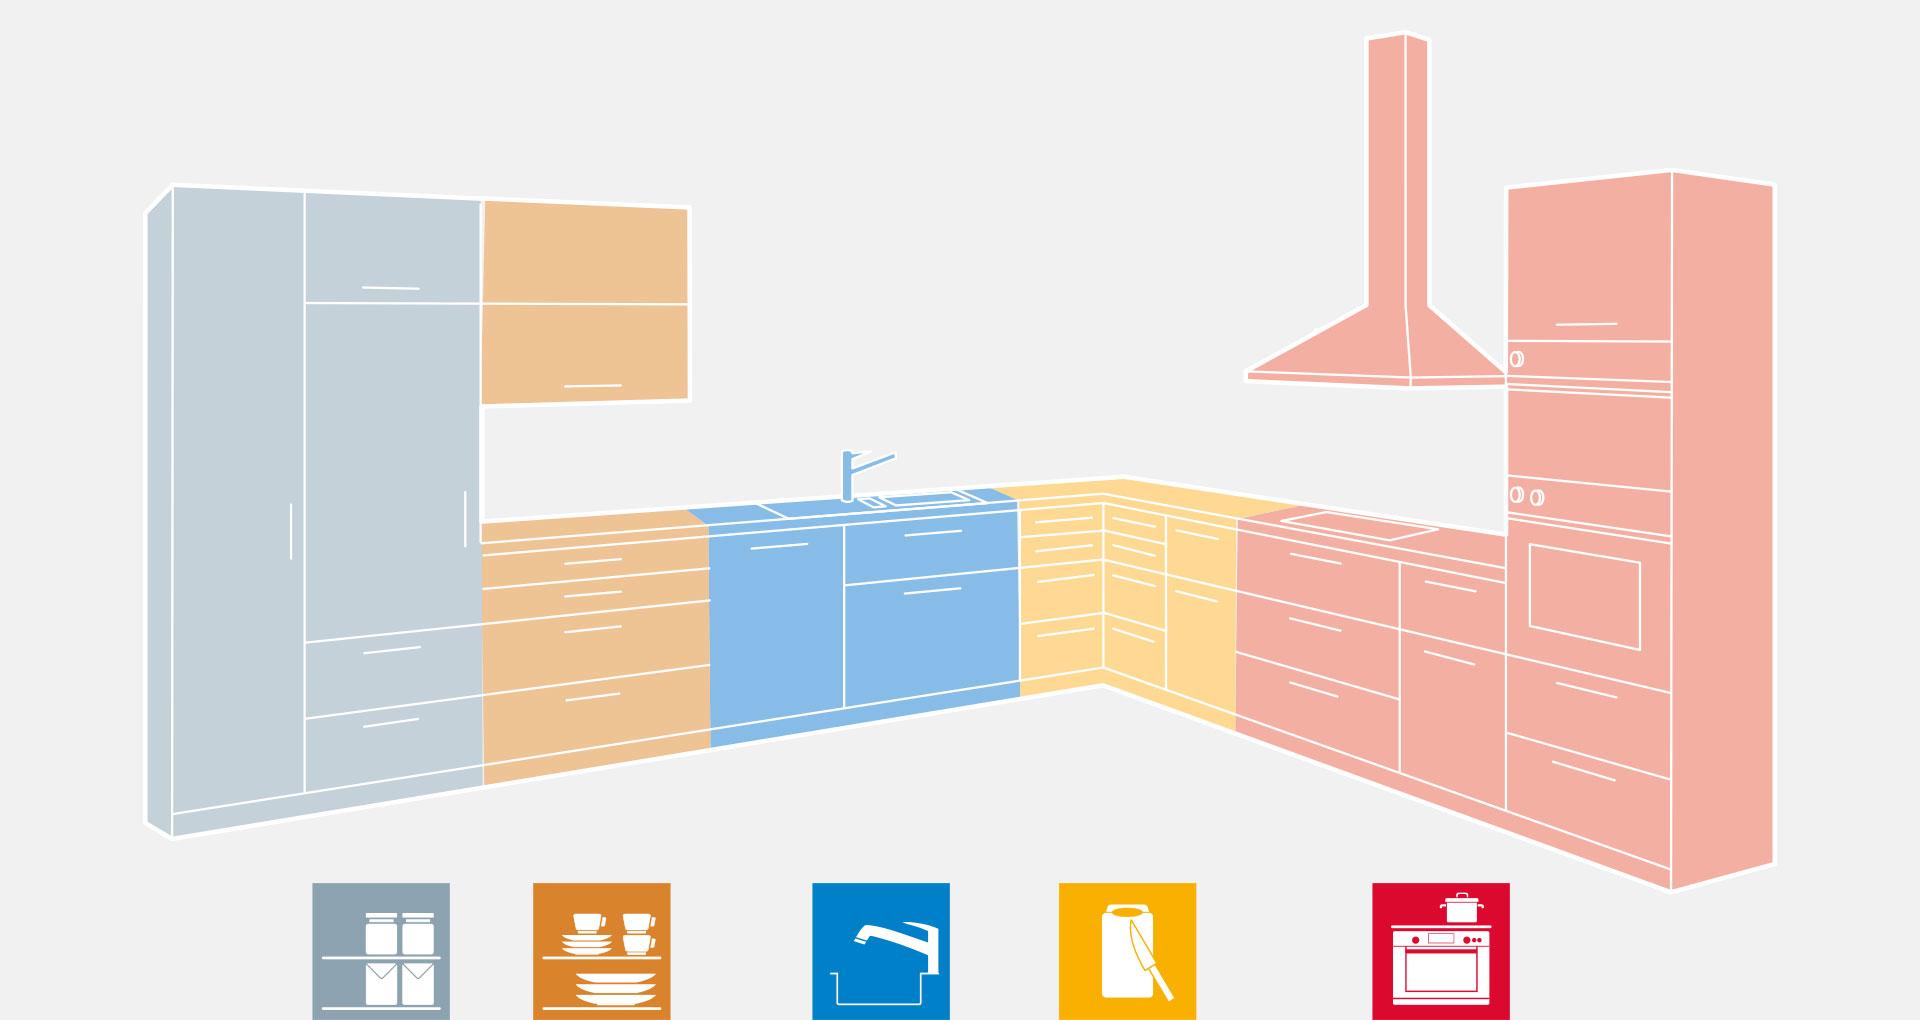 Правильне зонування простору на кухні для оптимального робочого процесу